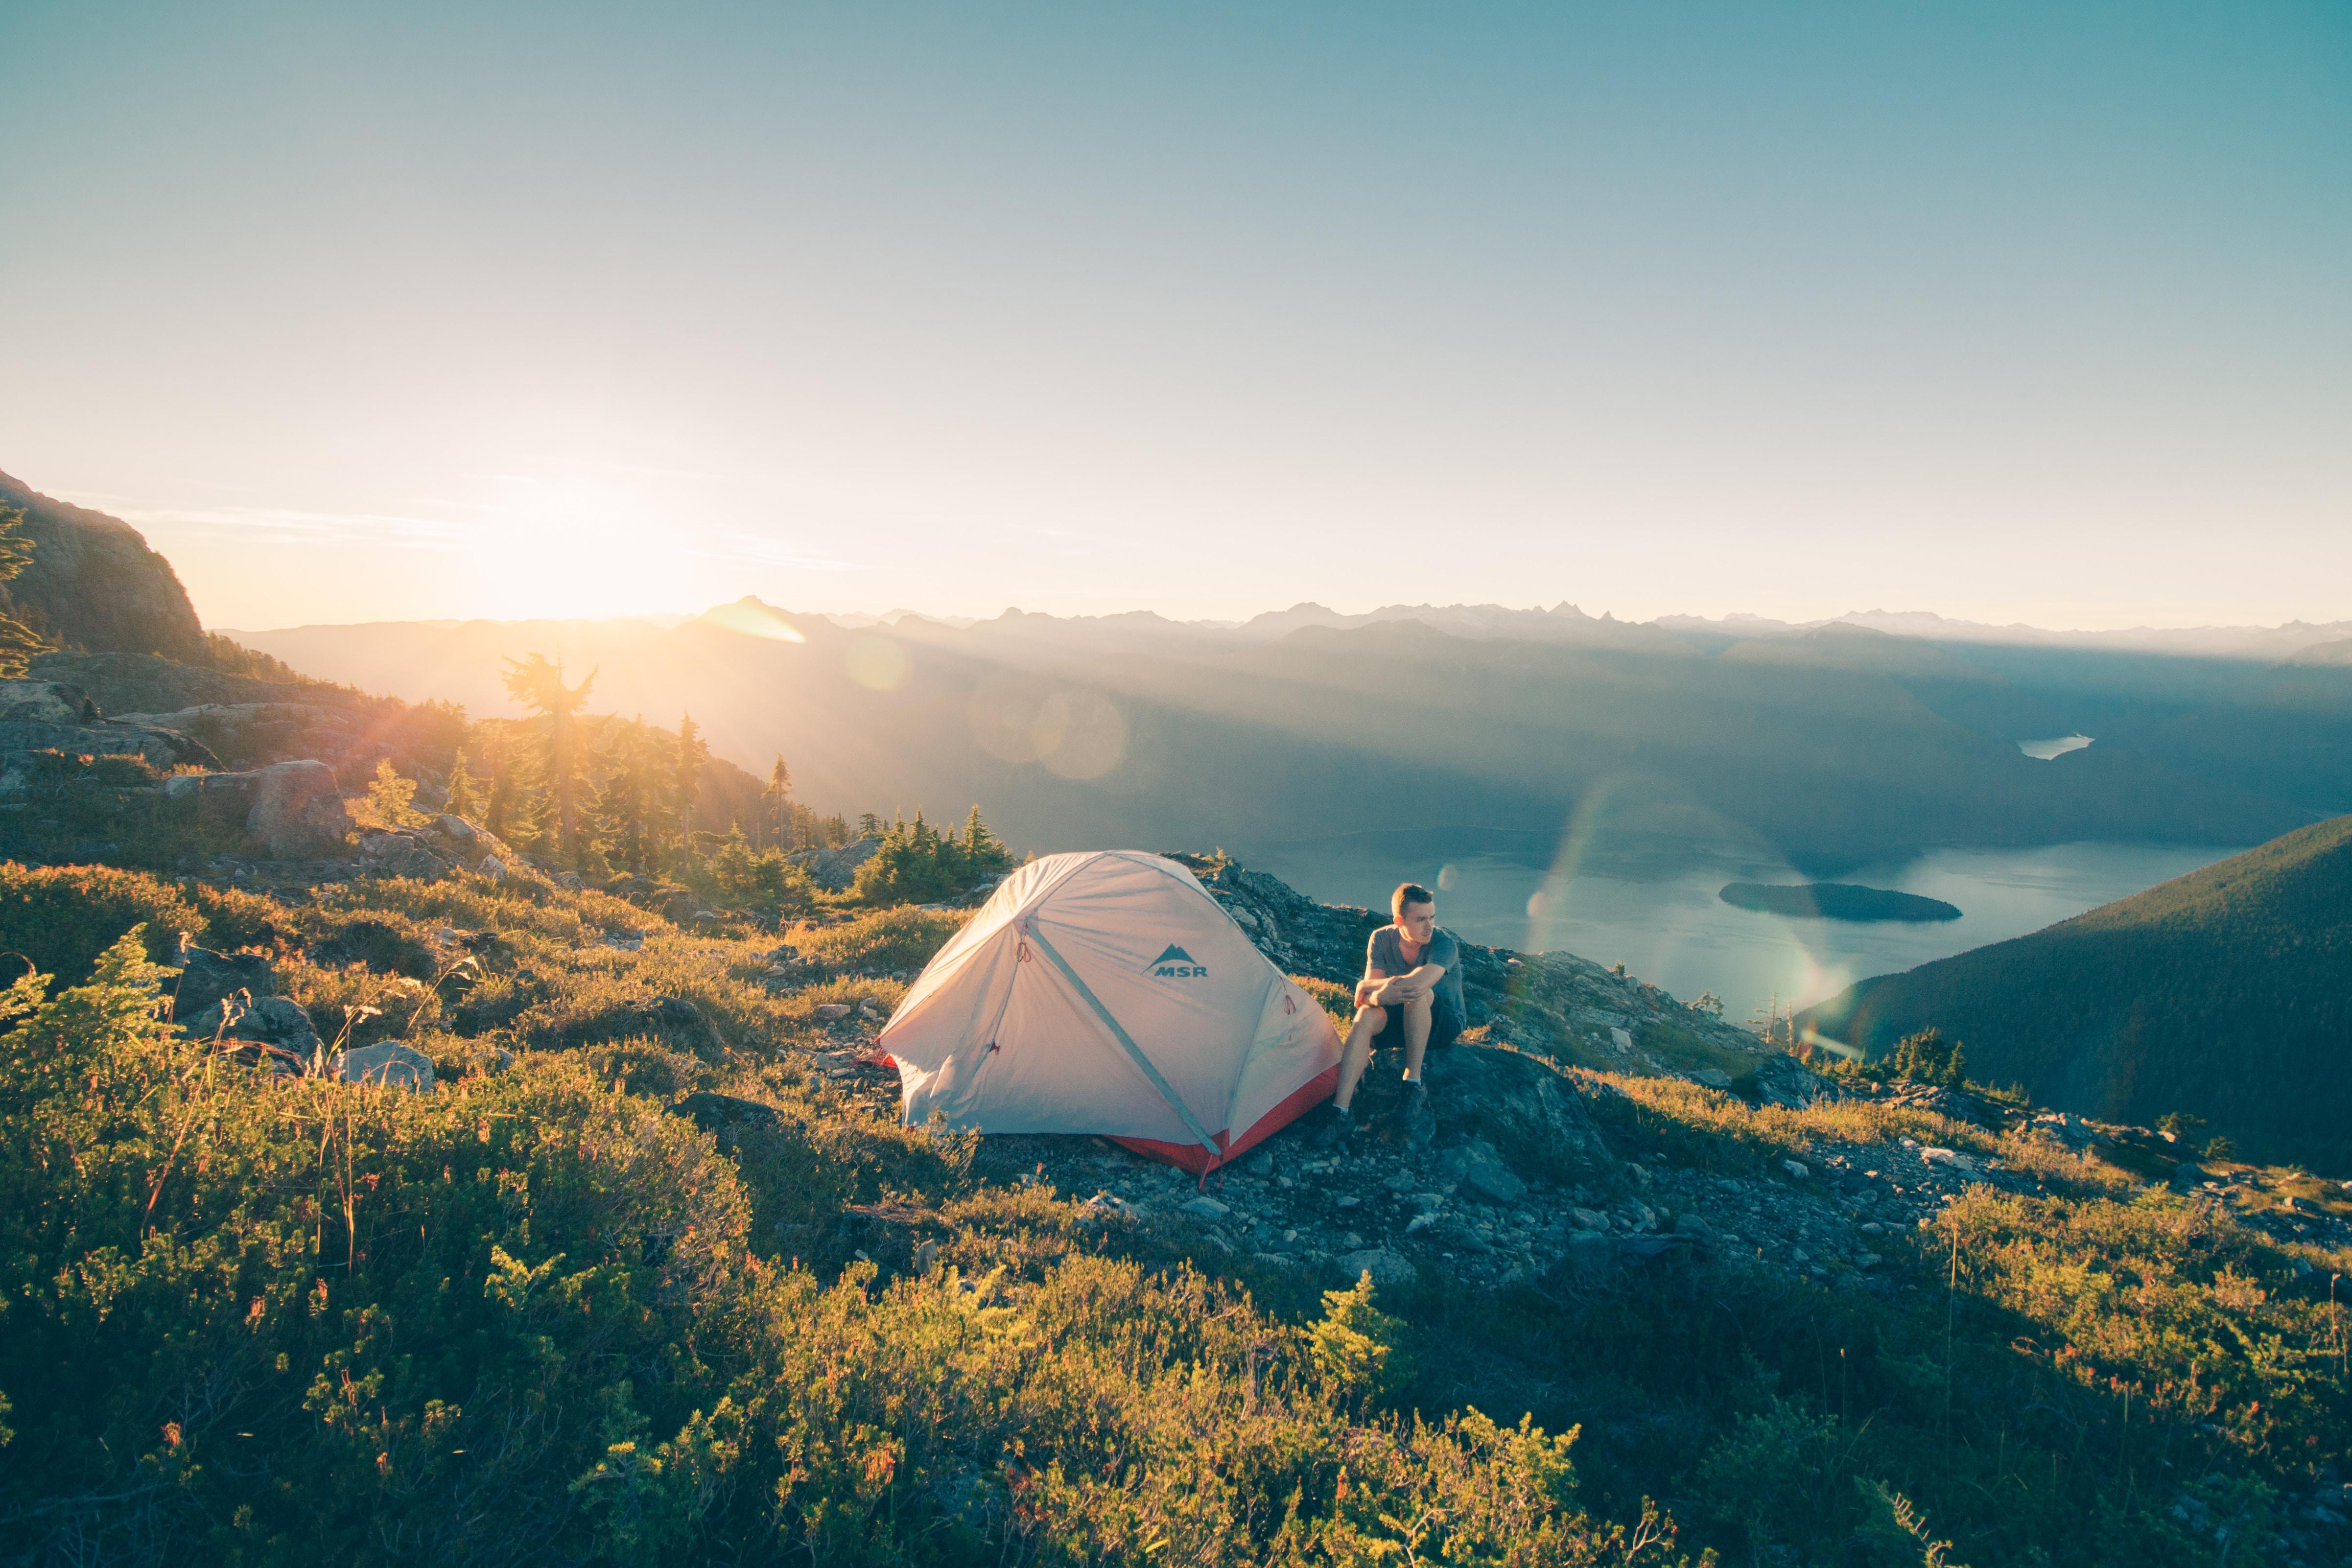 黒川キャンプ場は無料で使える!?人気キャンプ場で自然を満喫しよう!